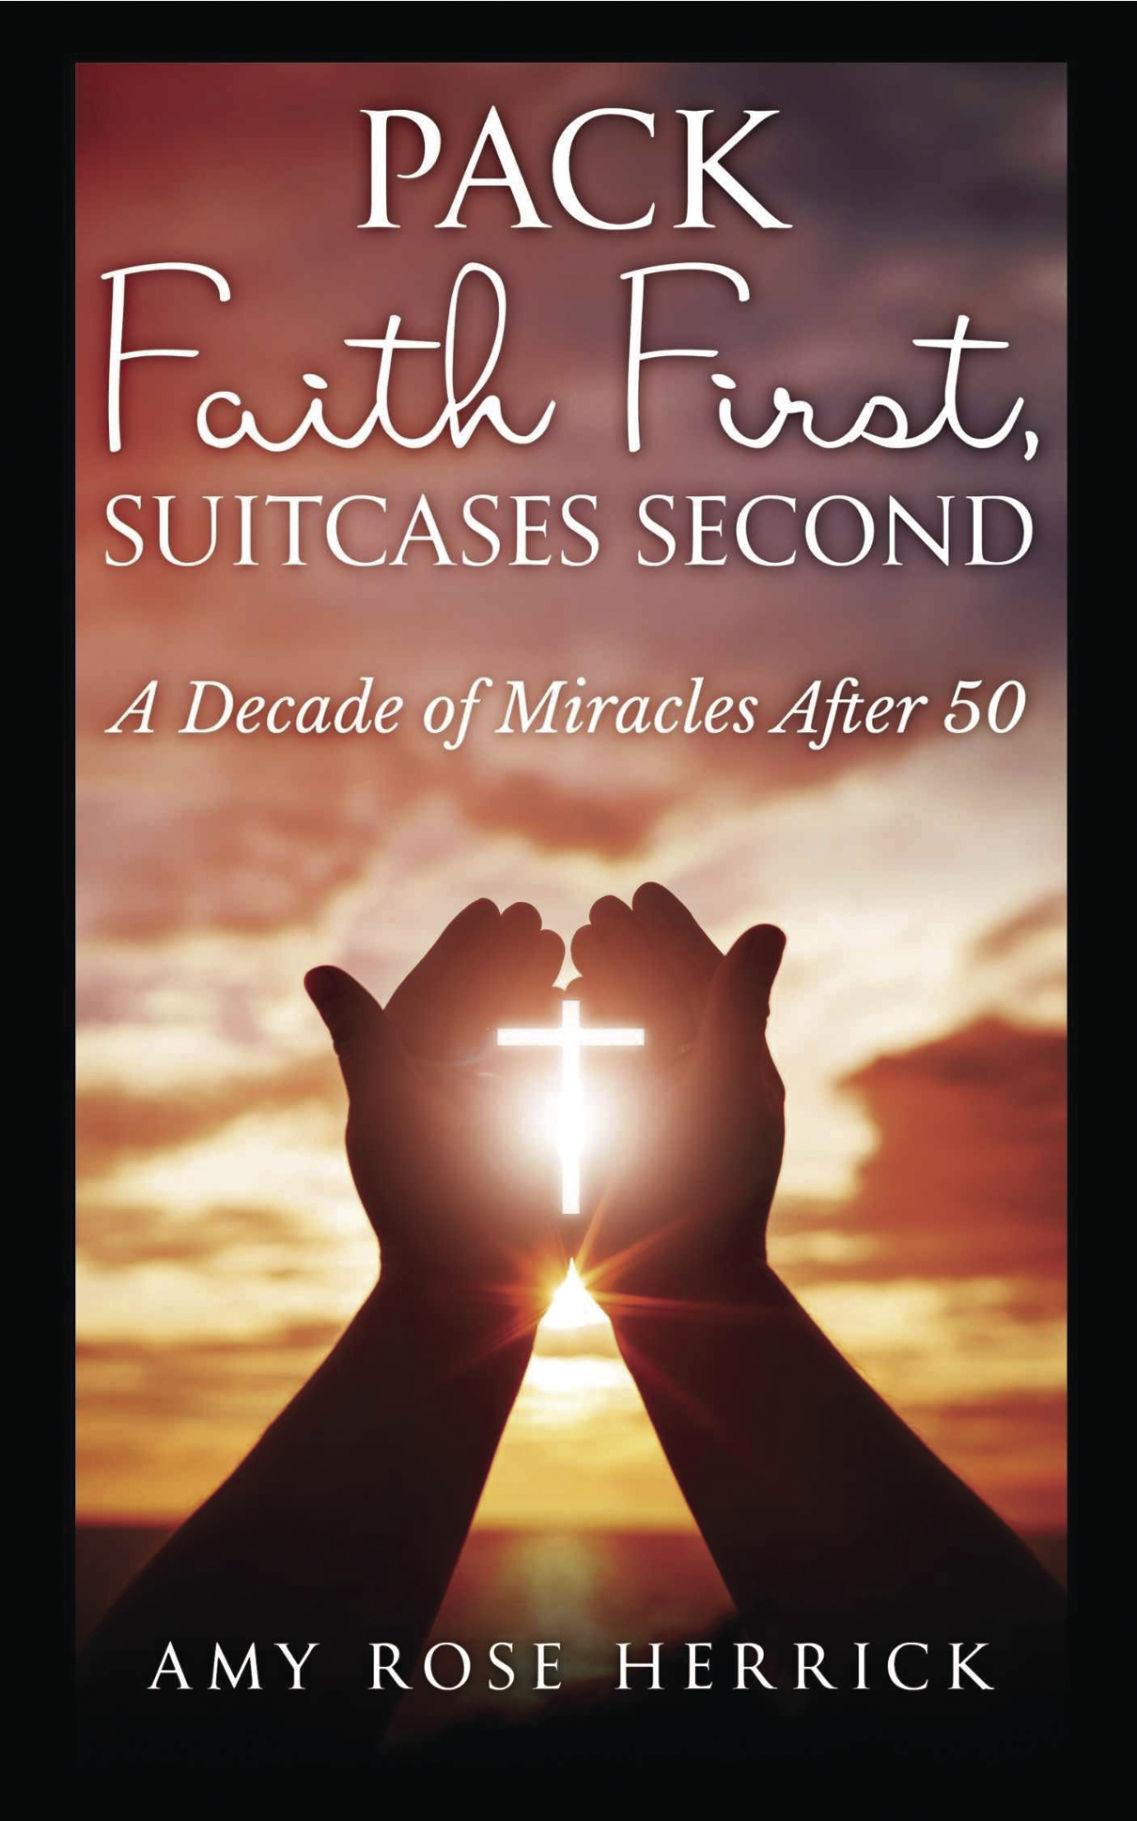 Pack faith first